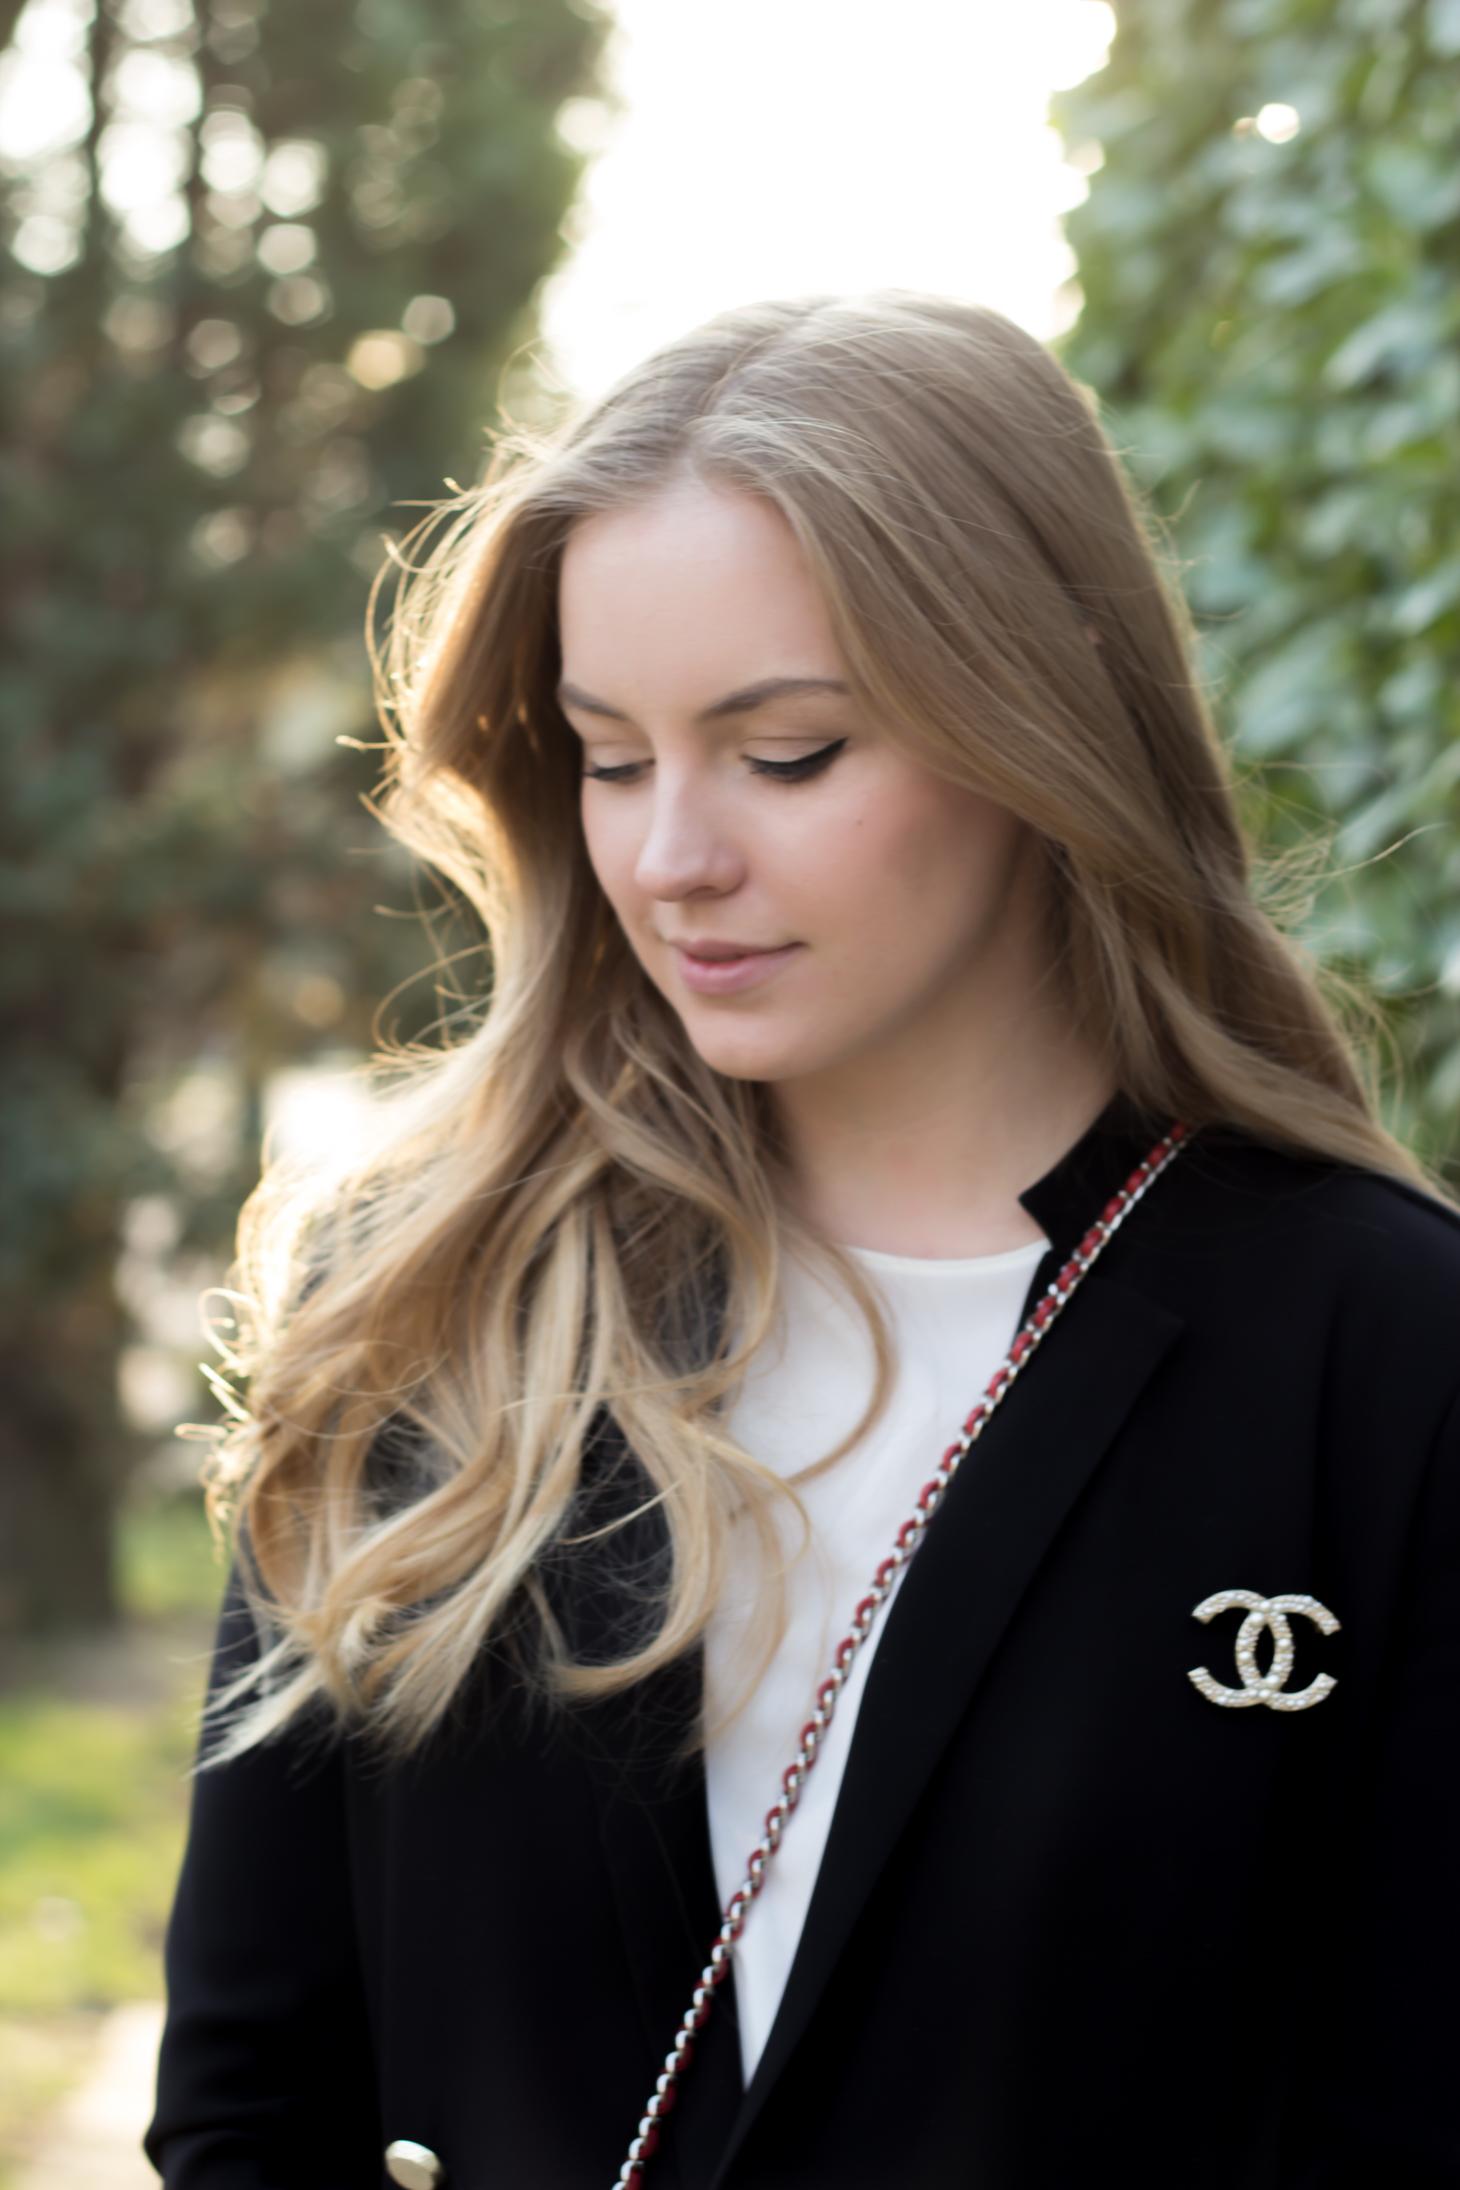 Black blazer + Chanel brooch